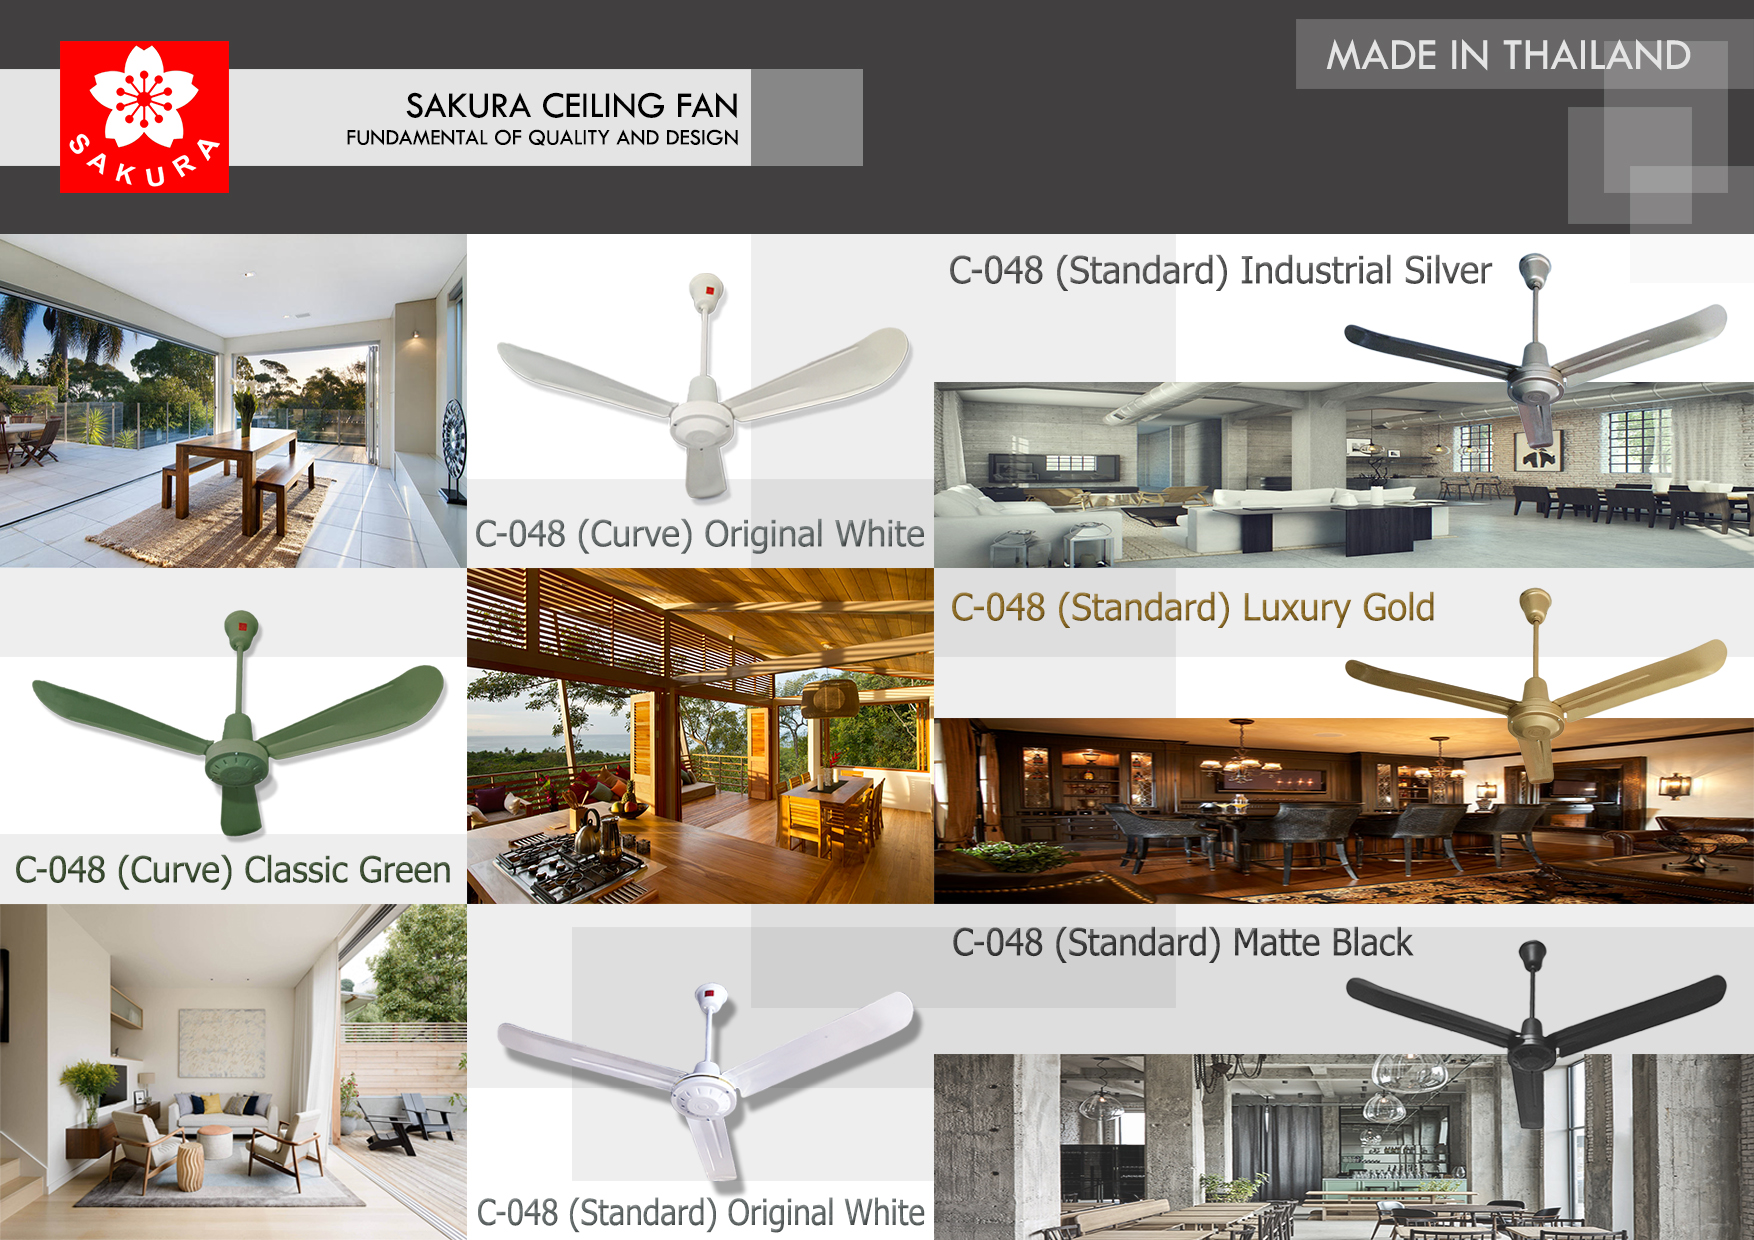 พัดลมเพดาน ติดเพดาน ผลิตในประเทศไทย คุณภาพเกรด A ทนทาน ลมแรง ดีไซน์เรียบหรู loft minimal